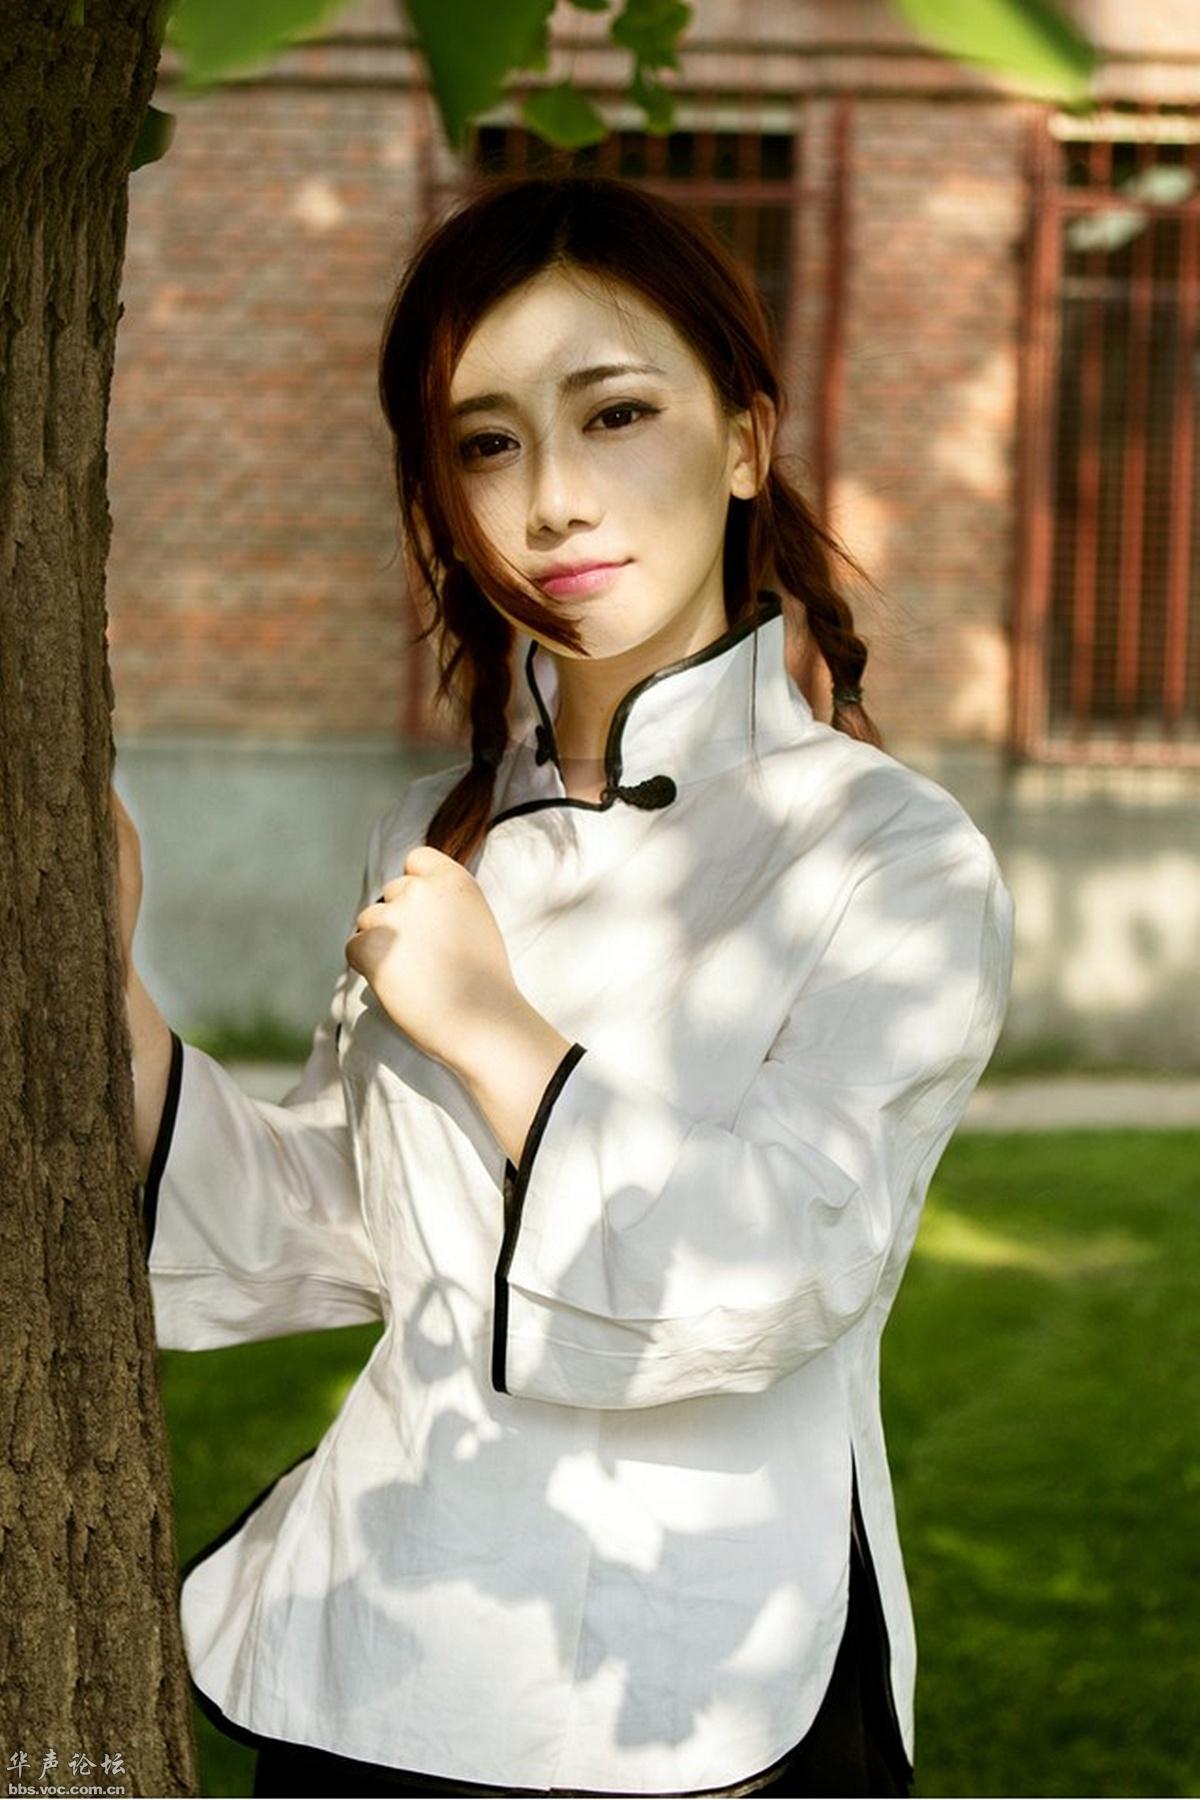 清华园里的民国风格女生 - 花開有聲 - 花開有聲